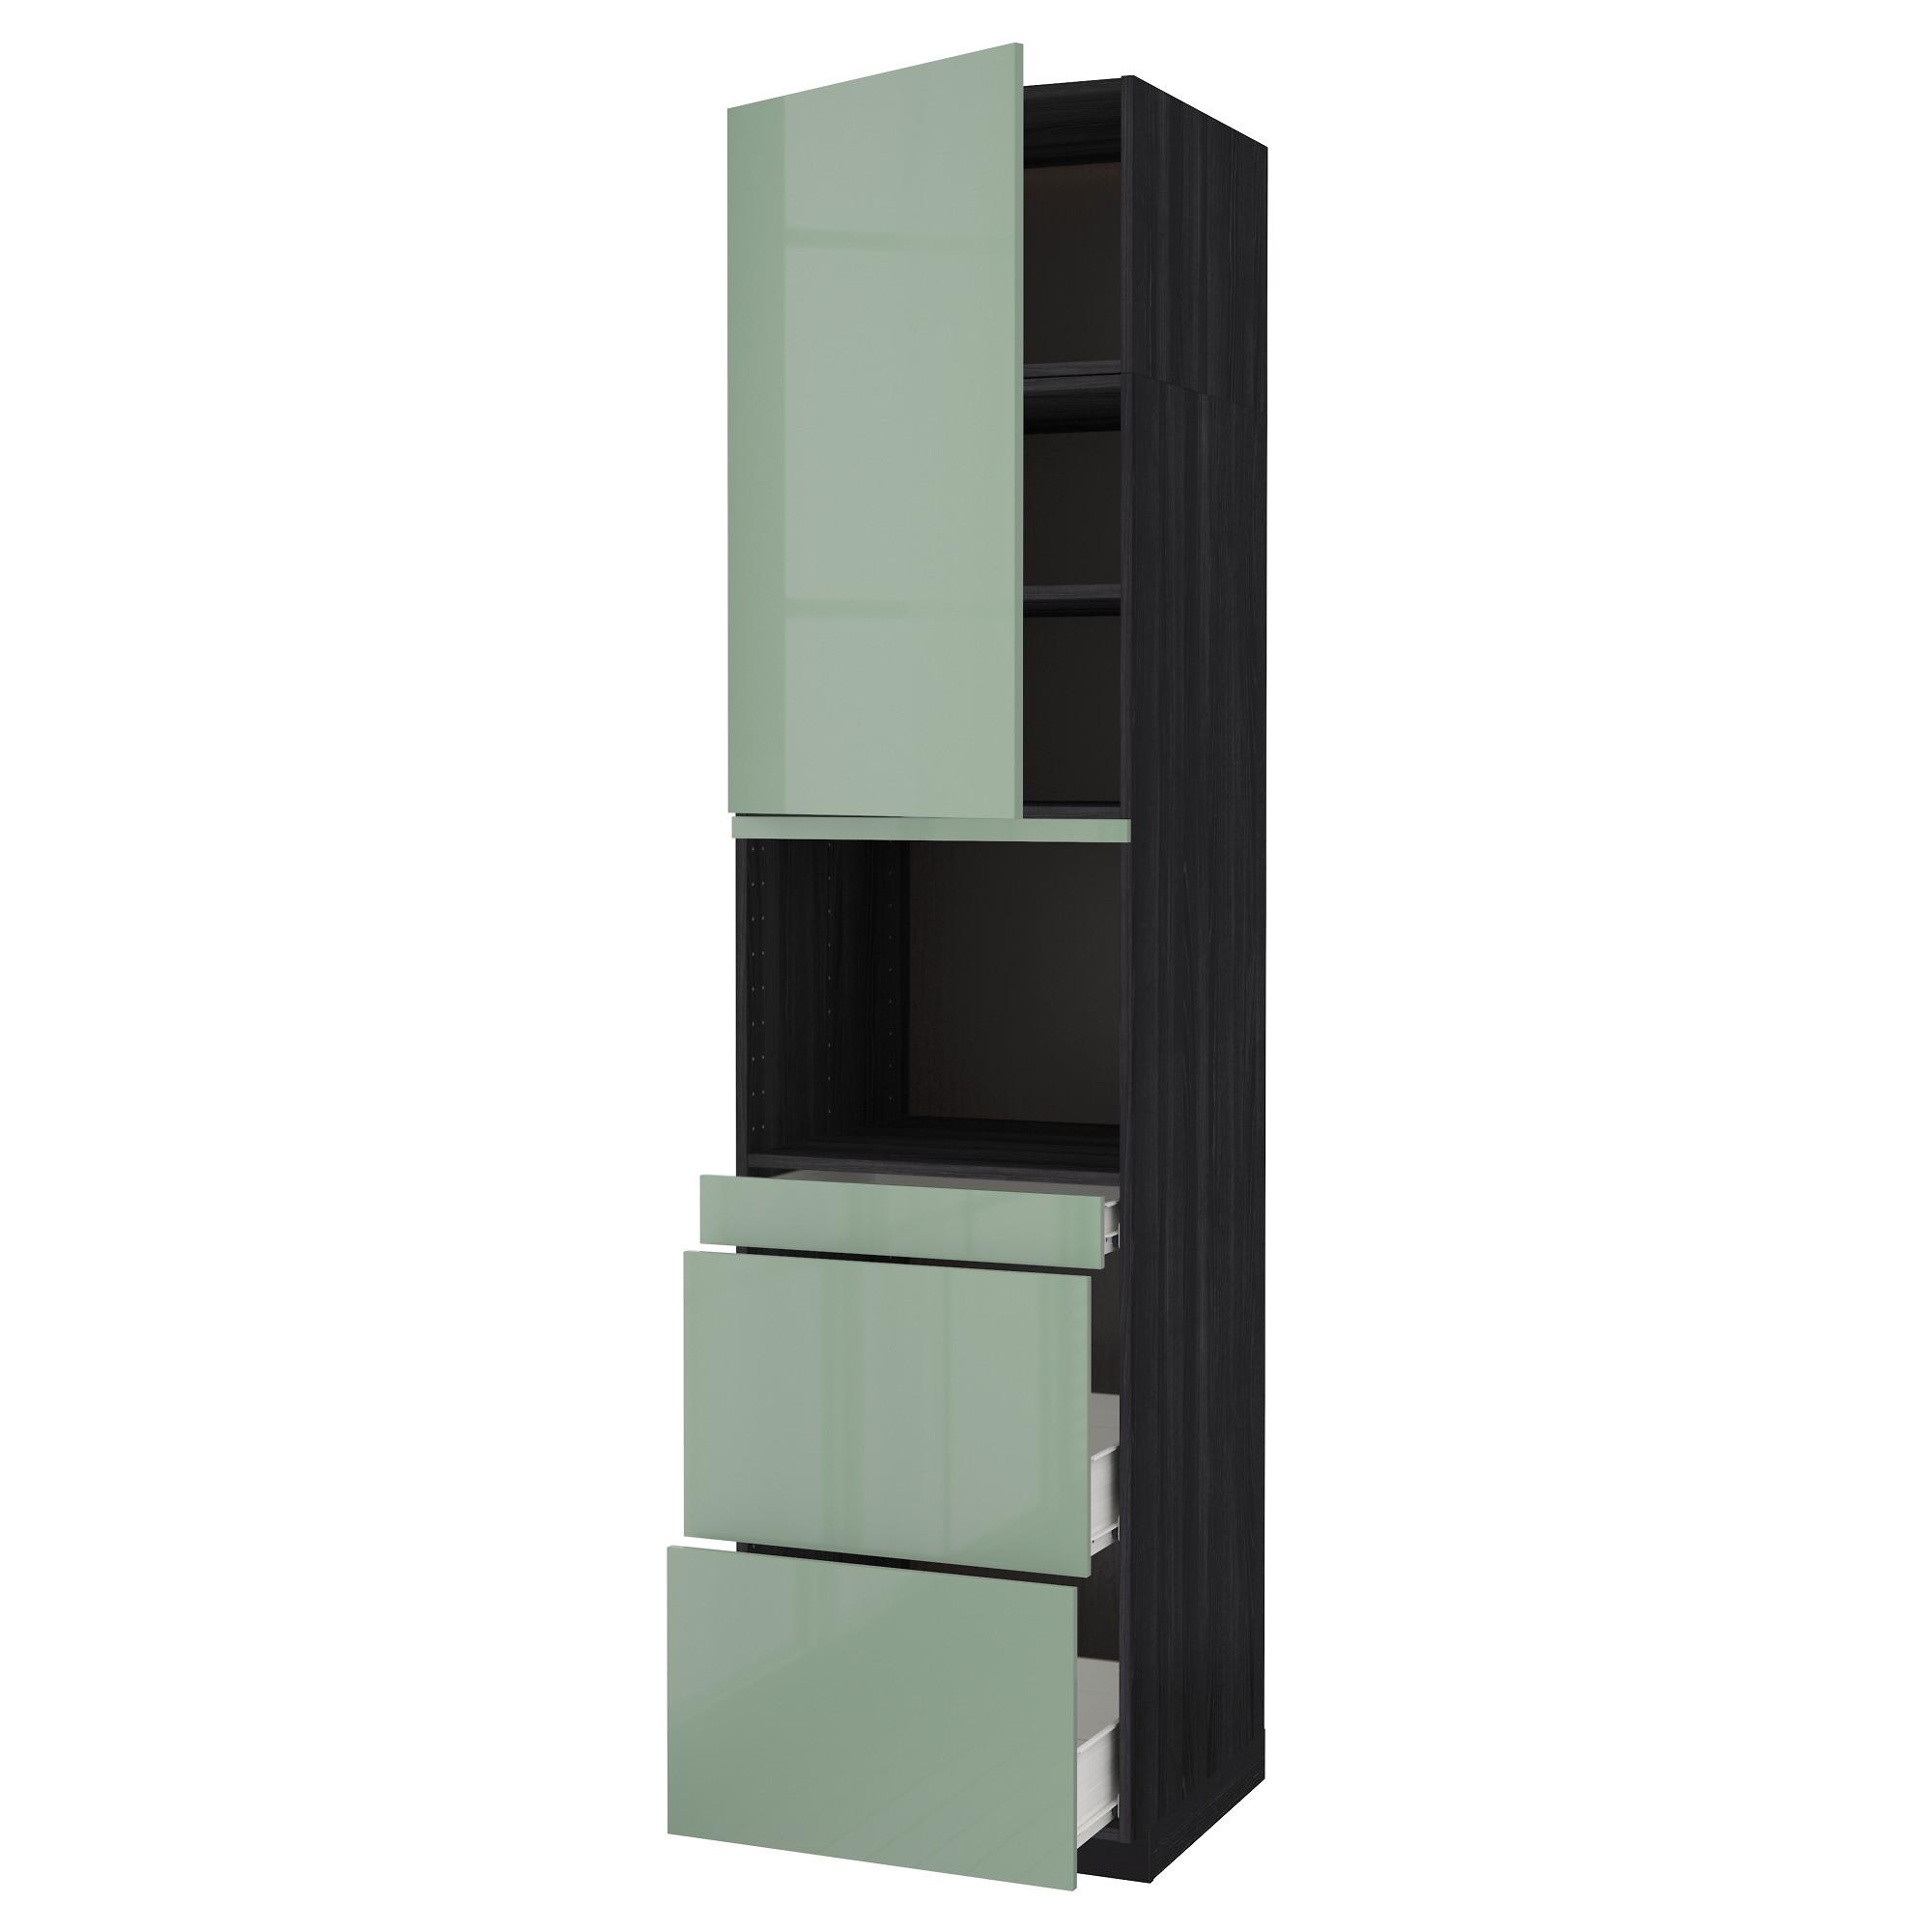 Высокий шкаф для СВЧ/дверца, 3 ящика МЕТОД / ФОРВАРА черный артикуль № 392.664.28 в наличии. Интернет сайт IKEA Республика Беларусь. Недорогая доставка и монтаж.